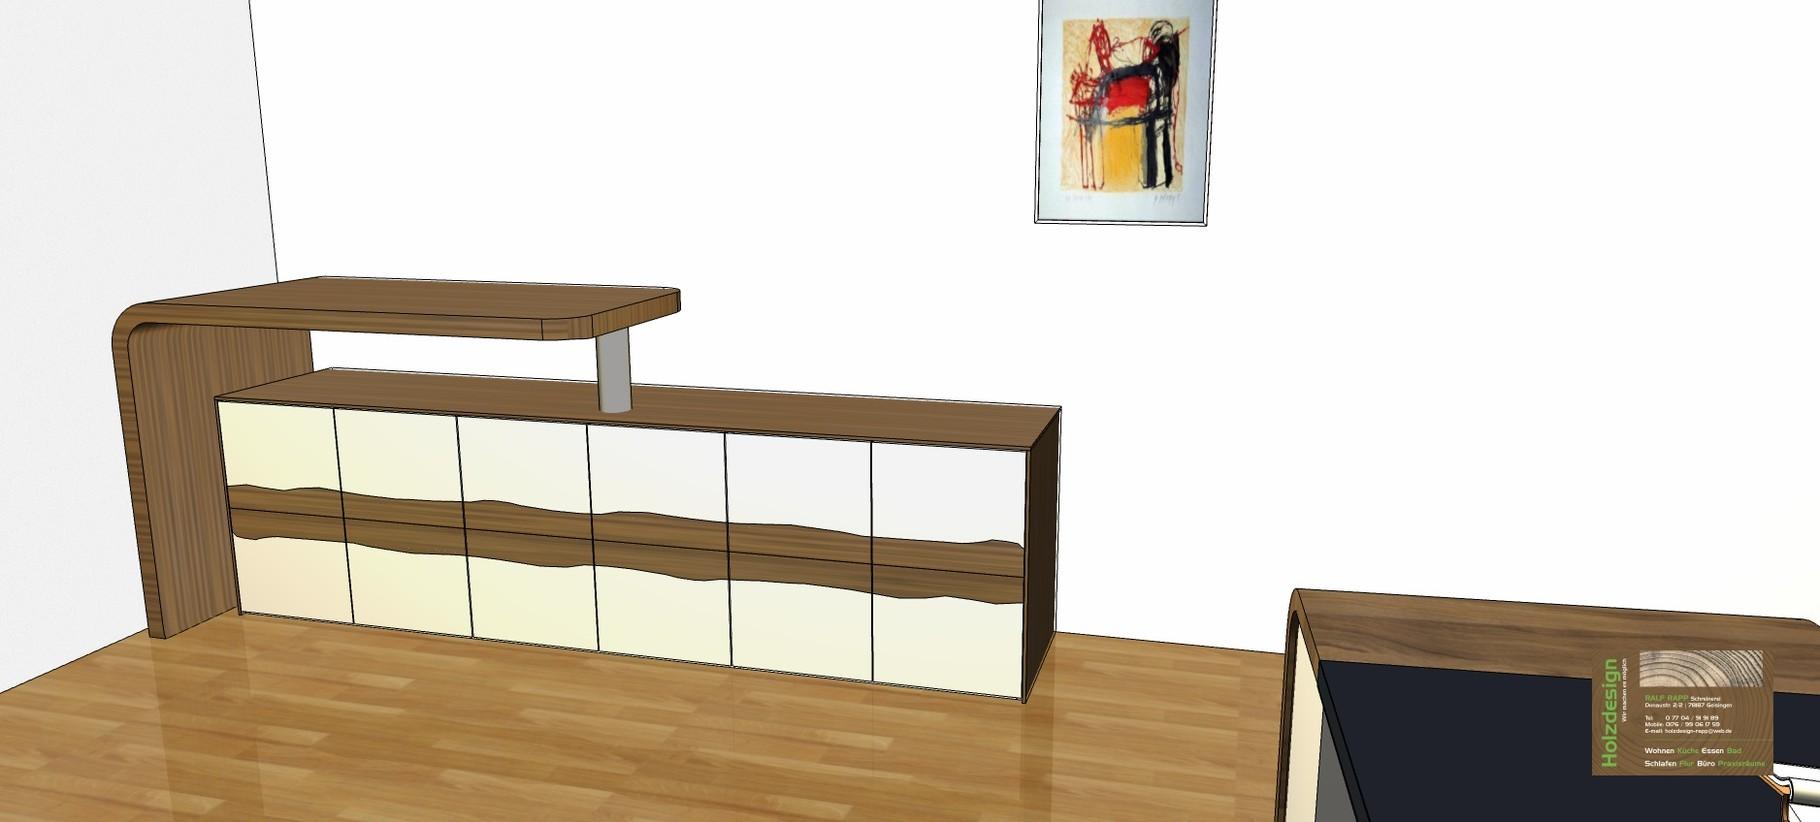 Planung Büroeinrichtung Abbildung Sideboard mit Drehtresen